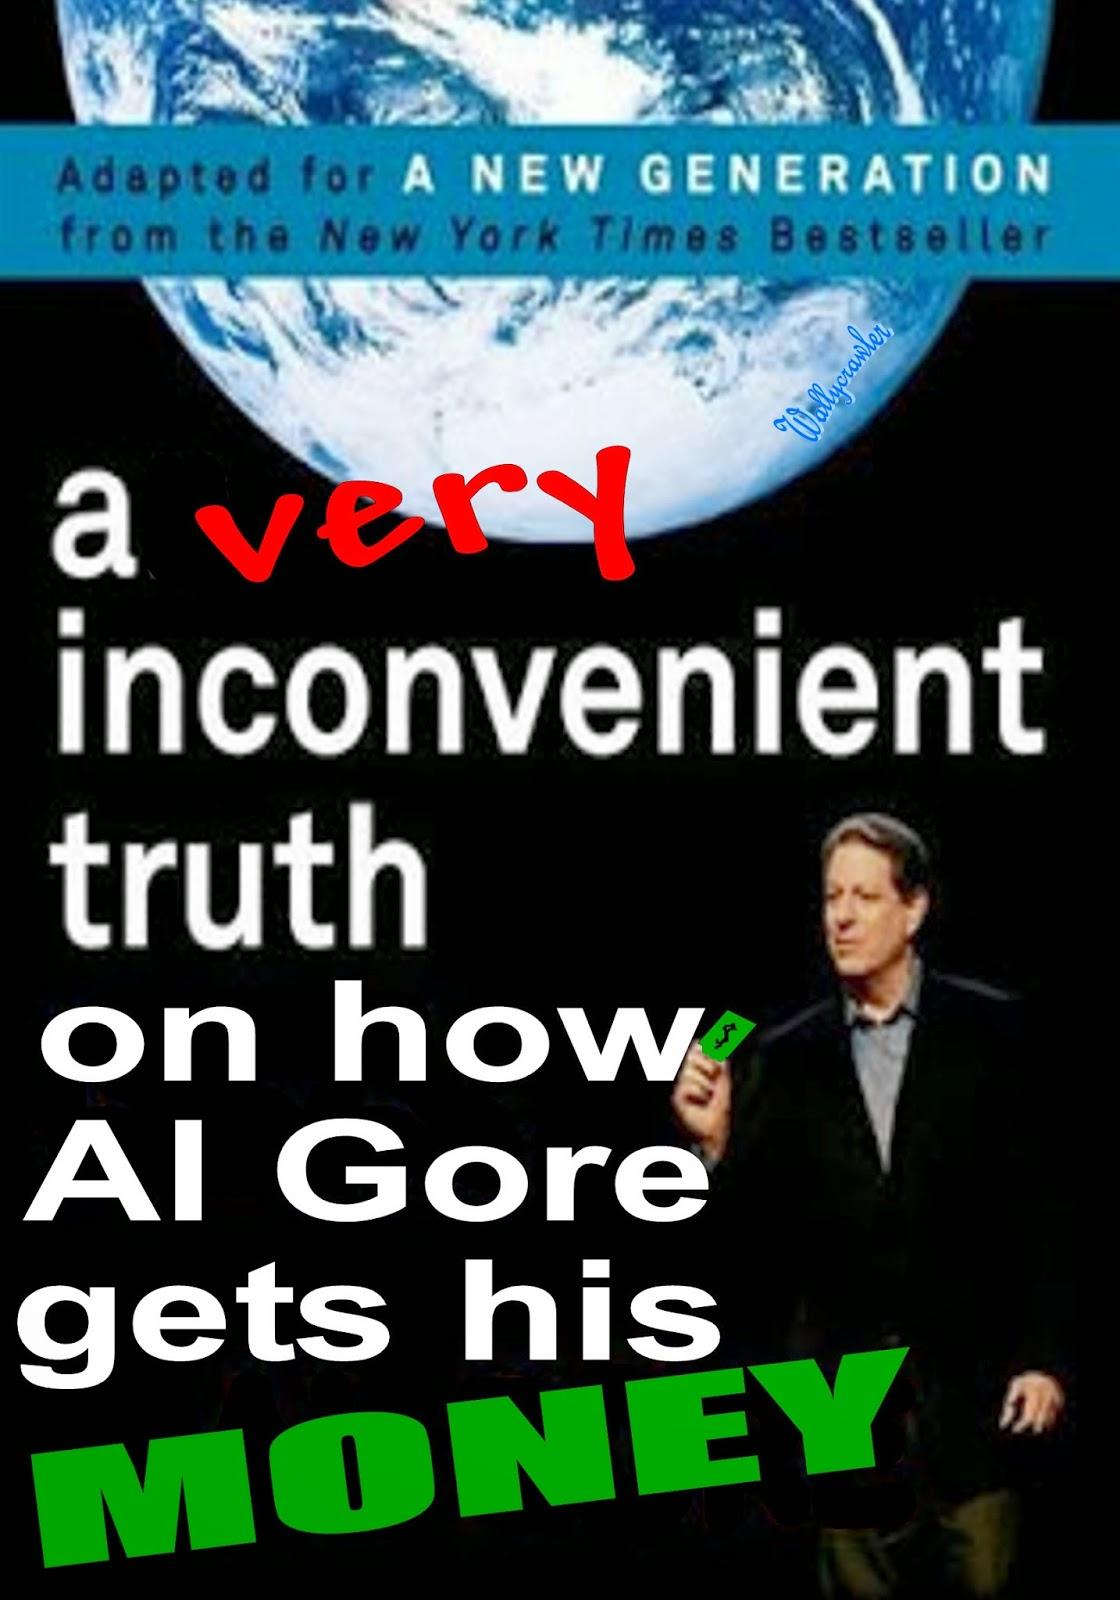 Al gores thesis inconvenient truth